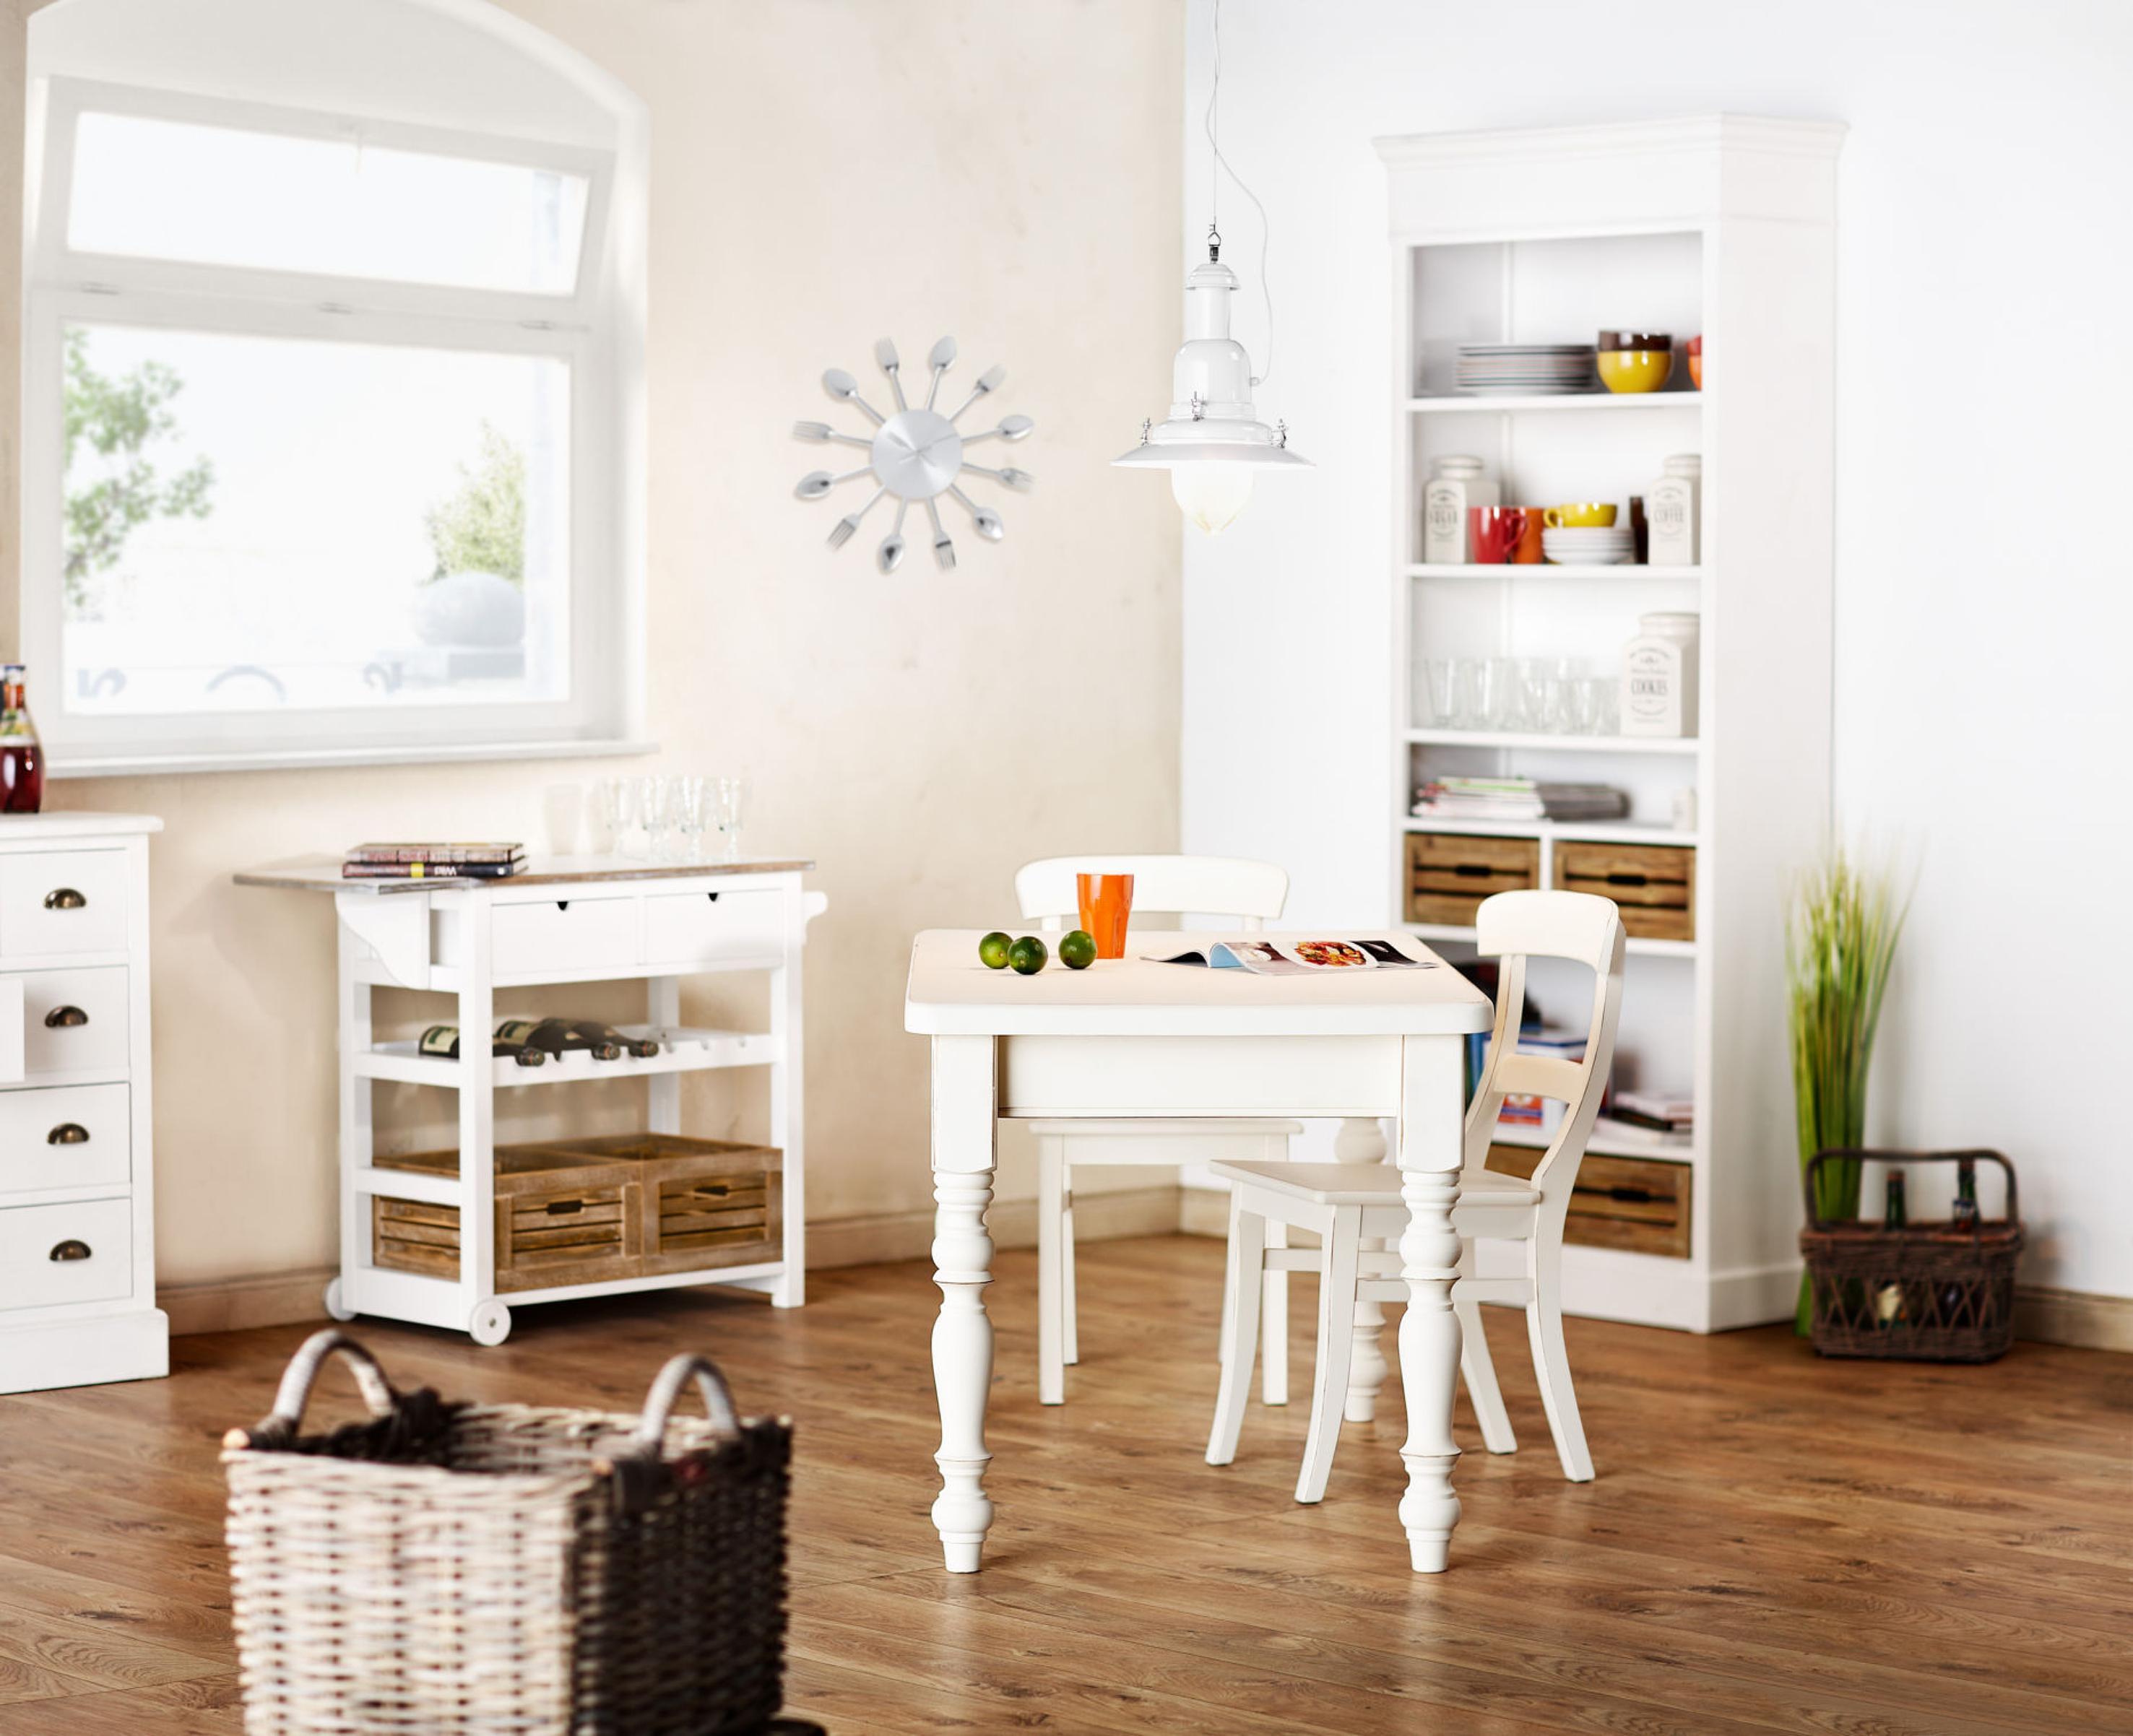 Weisse Moebel dielenboden und weiße möbel dielenboden holztisch